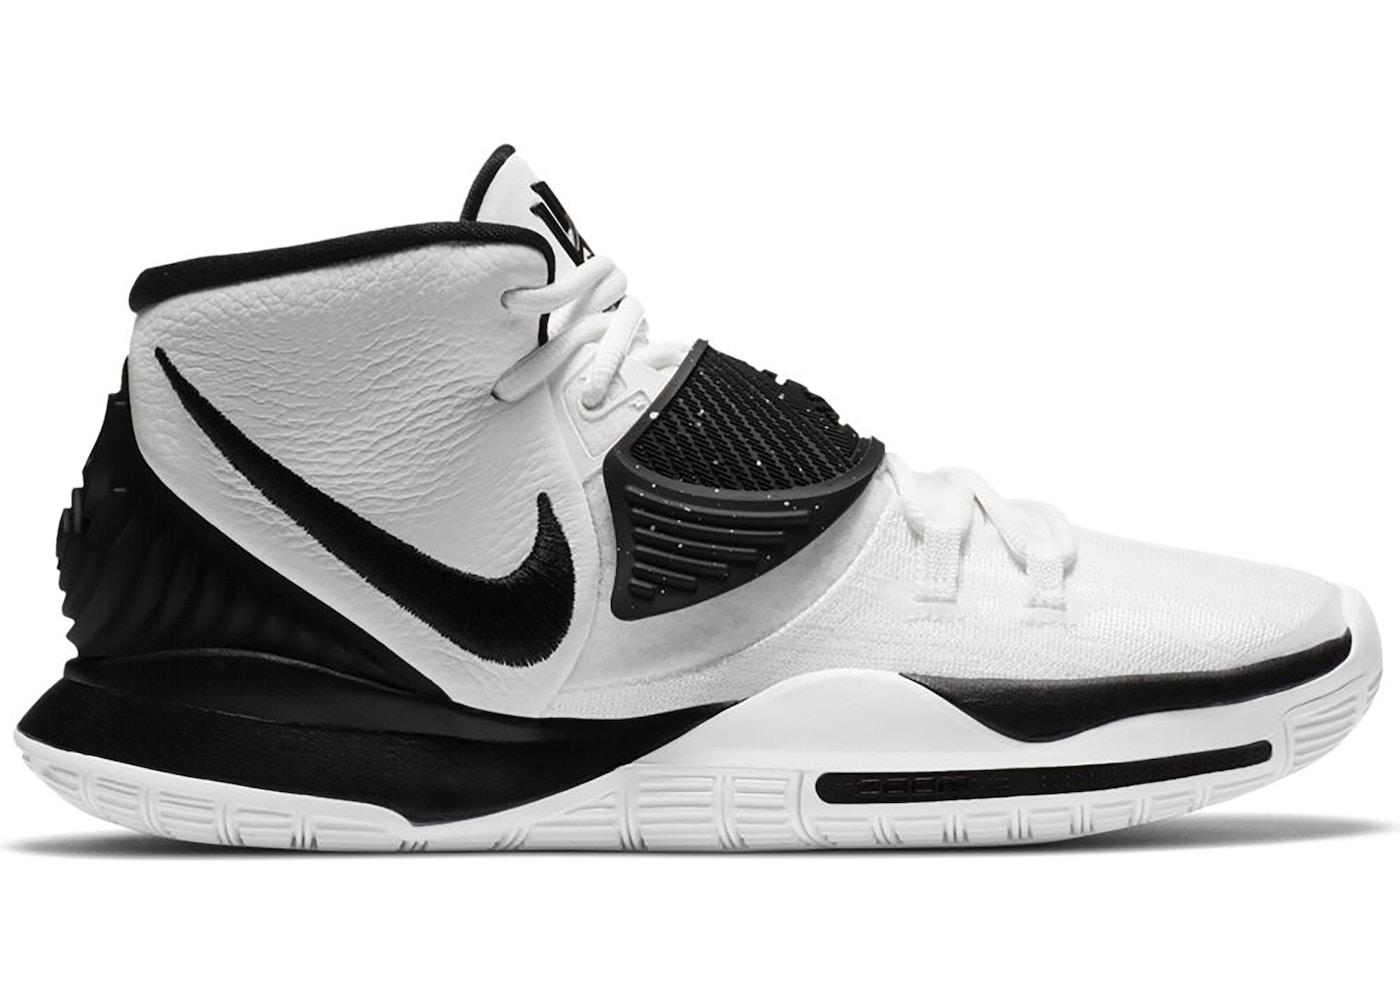 Nike Kyrie 6 Team White Black